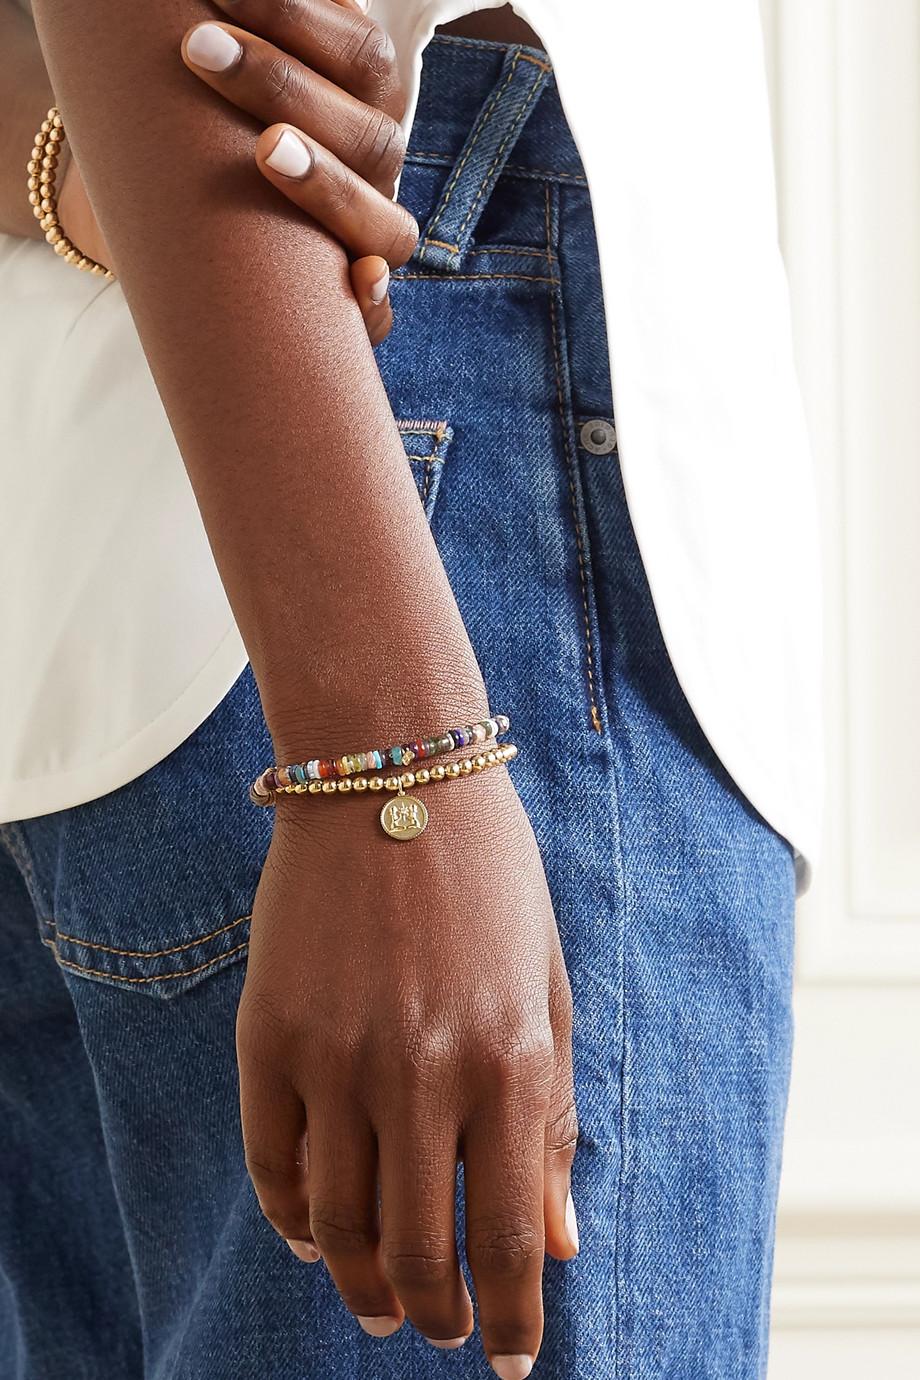 Sydney Evan Gemini 14-karat gold diamond bracelet